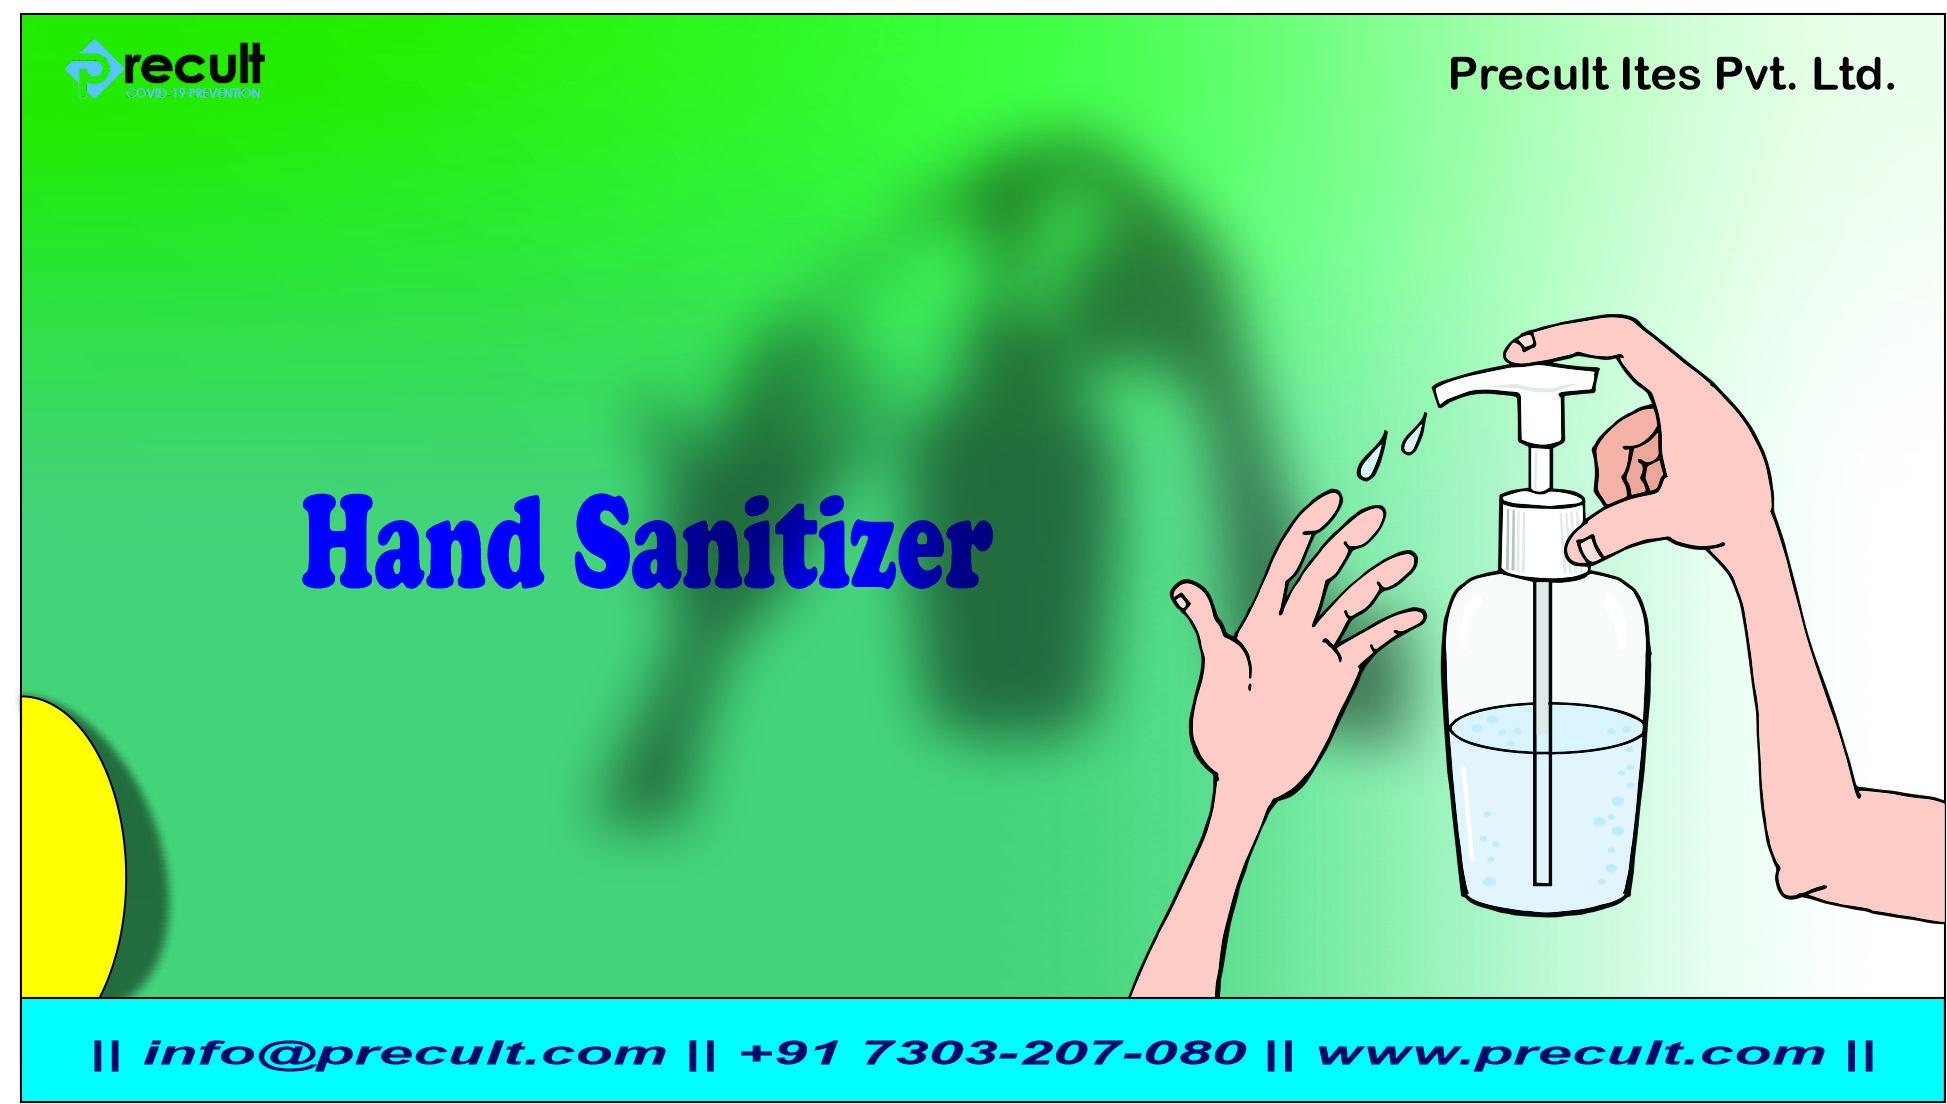 How Hand Sanitizer work?